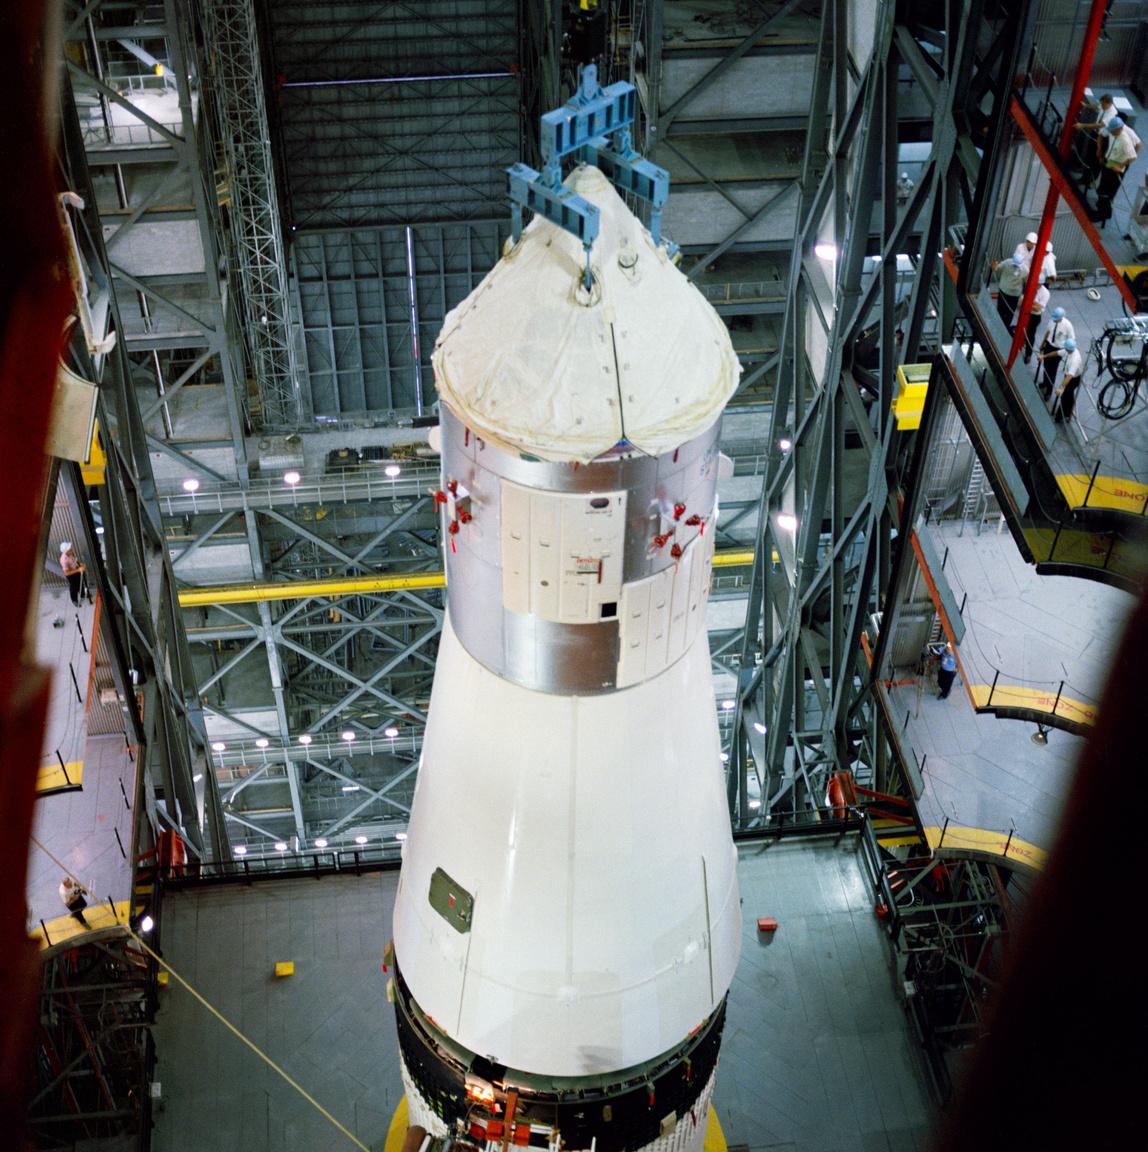 1967. június 20-án a Kennedy űrközpont rakétaösszeszerelő-csarnokában (Vehicle Assembly Building, VAB) helyére került a 017-es számú Apollo űrhajó (Apollo Spacecraft 017 Command Module, CSM 017), amit az Apollo-1 fél évvel korábbi tragédiája után alapos revíziónak vetettek alá. (A vizsgálat csaknem 1500 hibát tárt fel, ezek kijavítása 4 hónapot vett igénybe, jócskán eltolva a start eredetileg tervezett időpontját.)